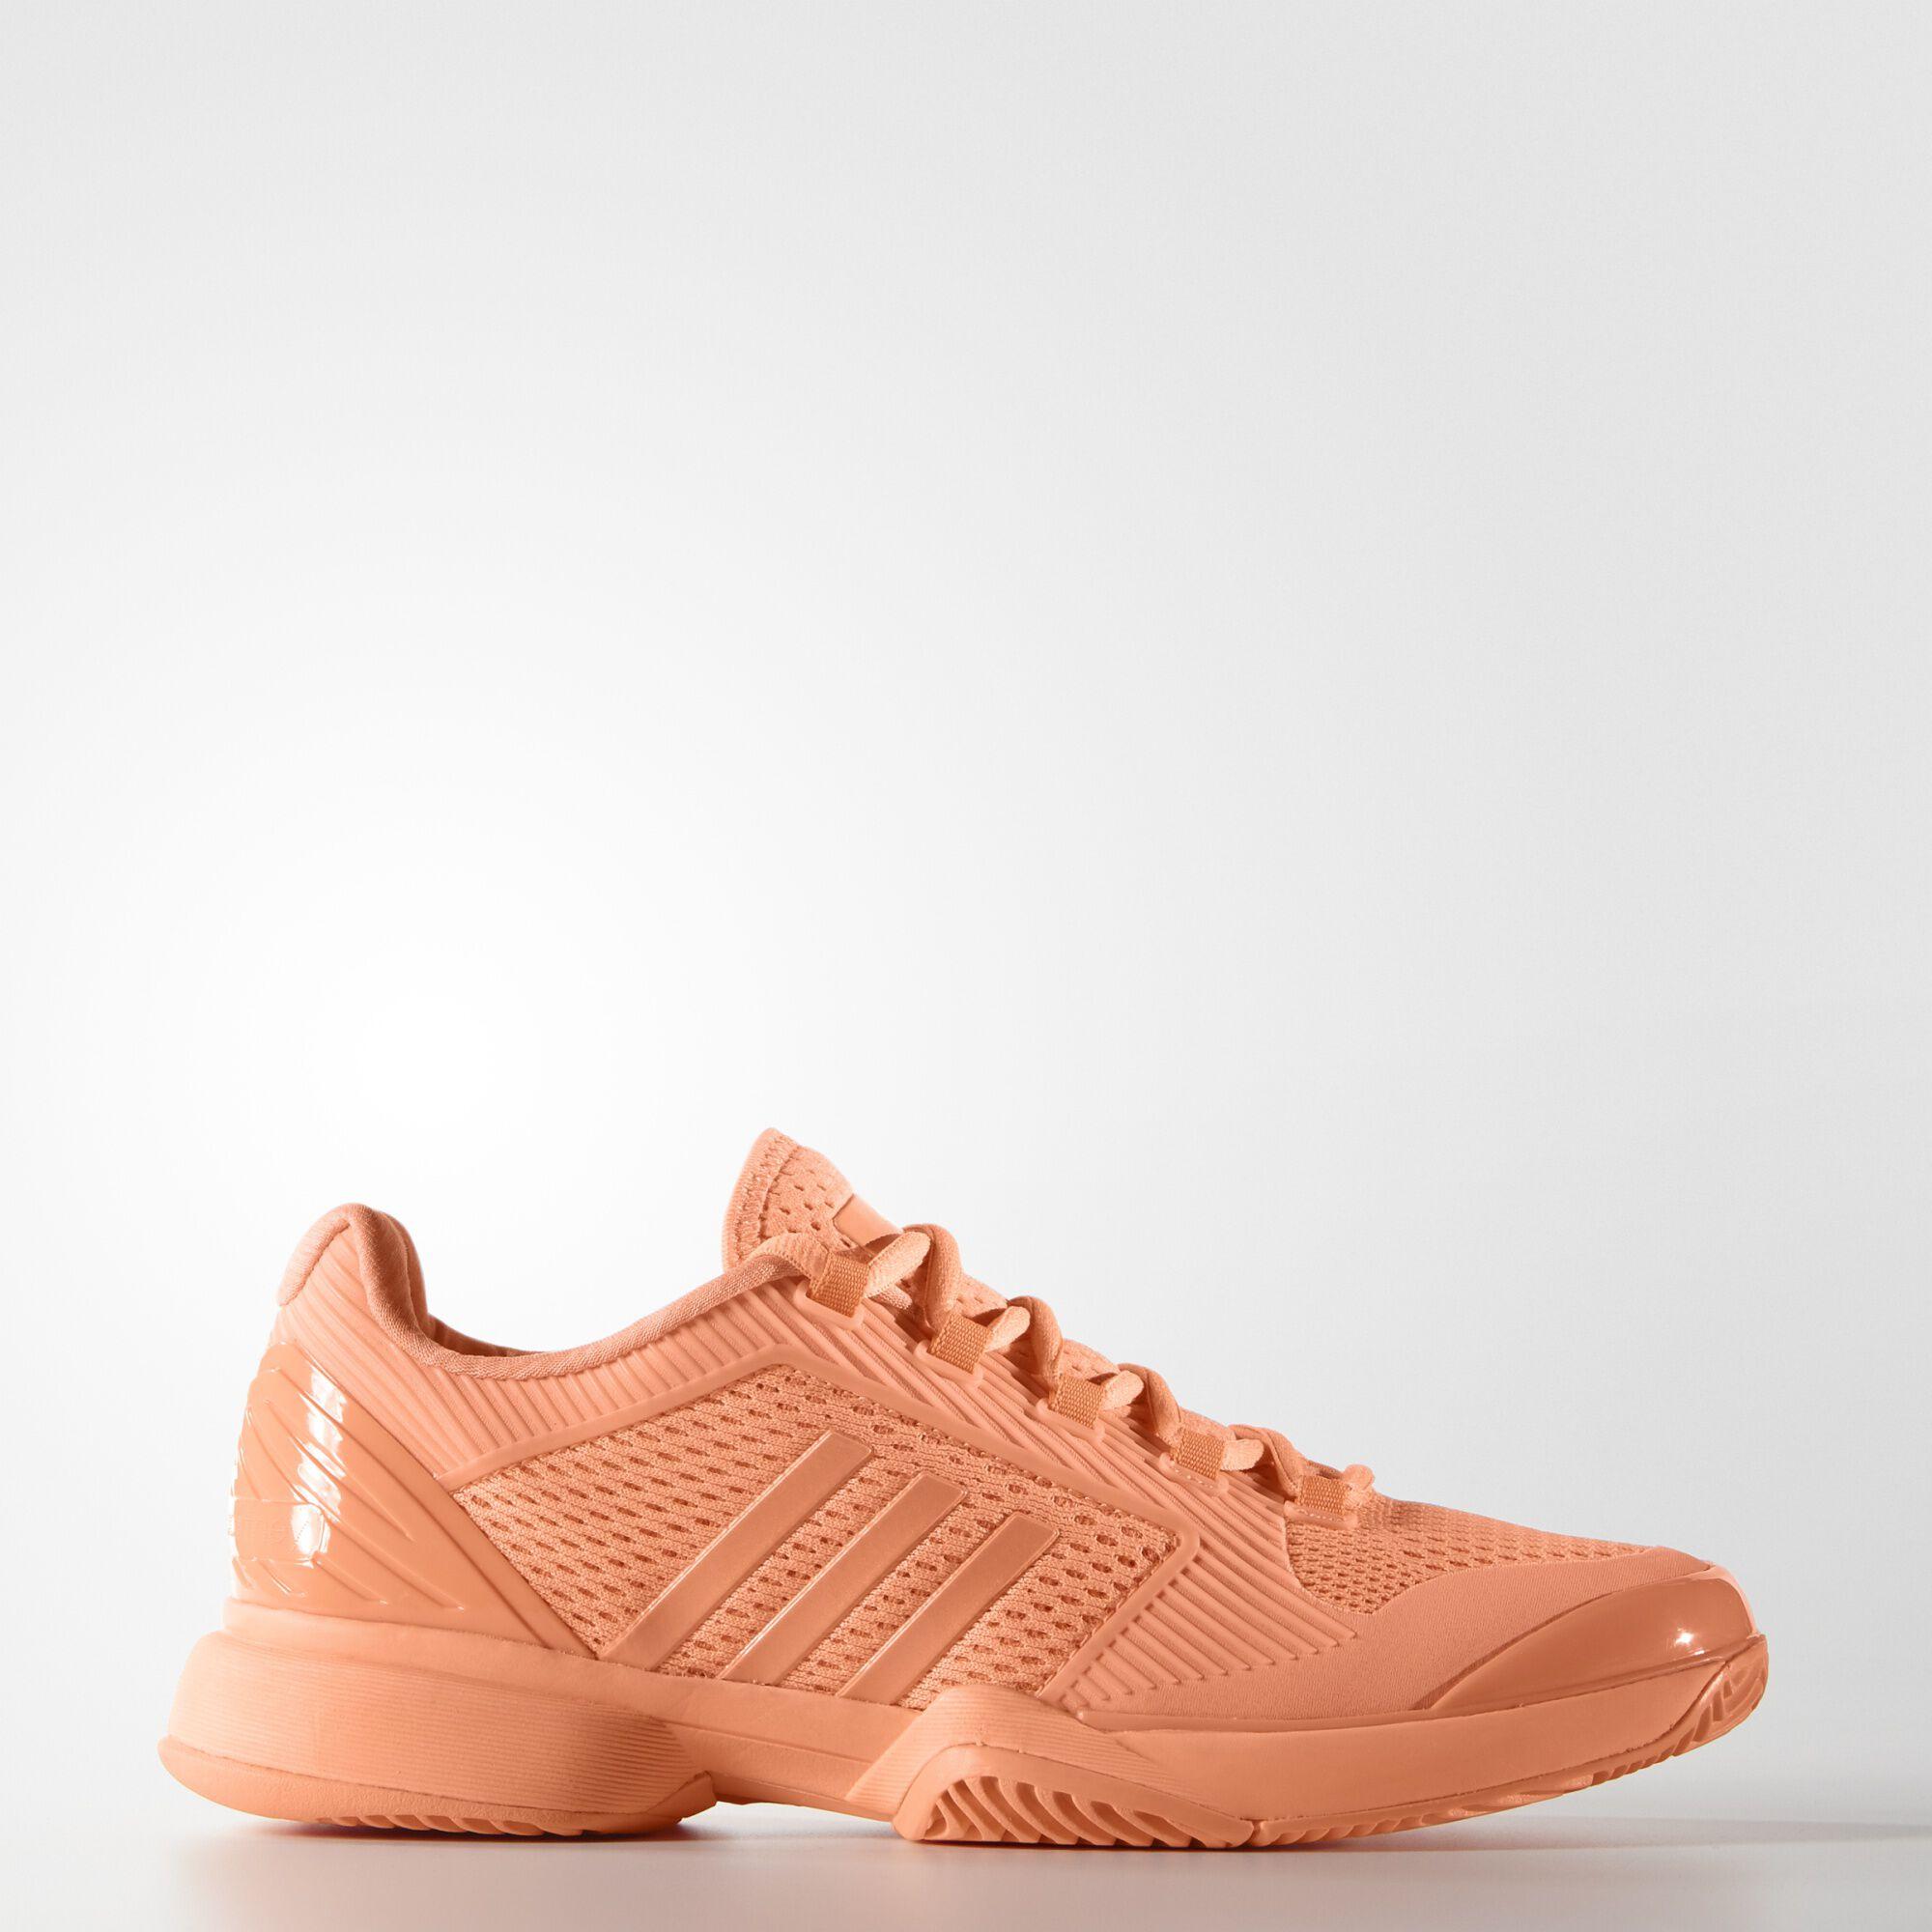 Adidas Naranjas 2016